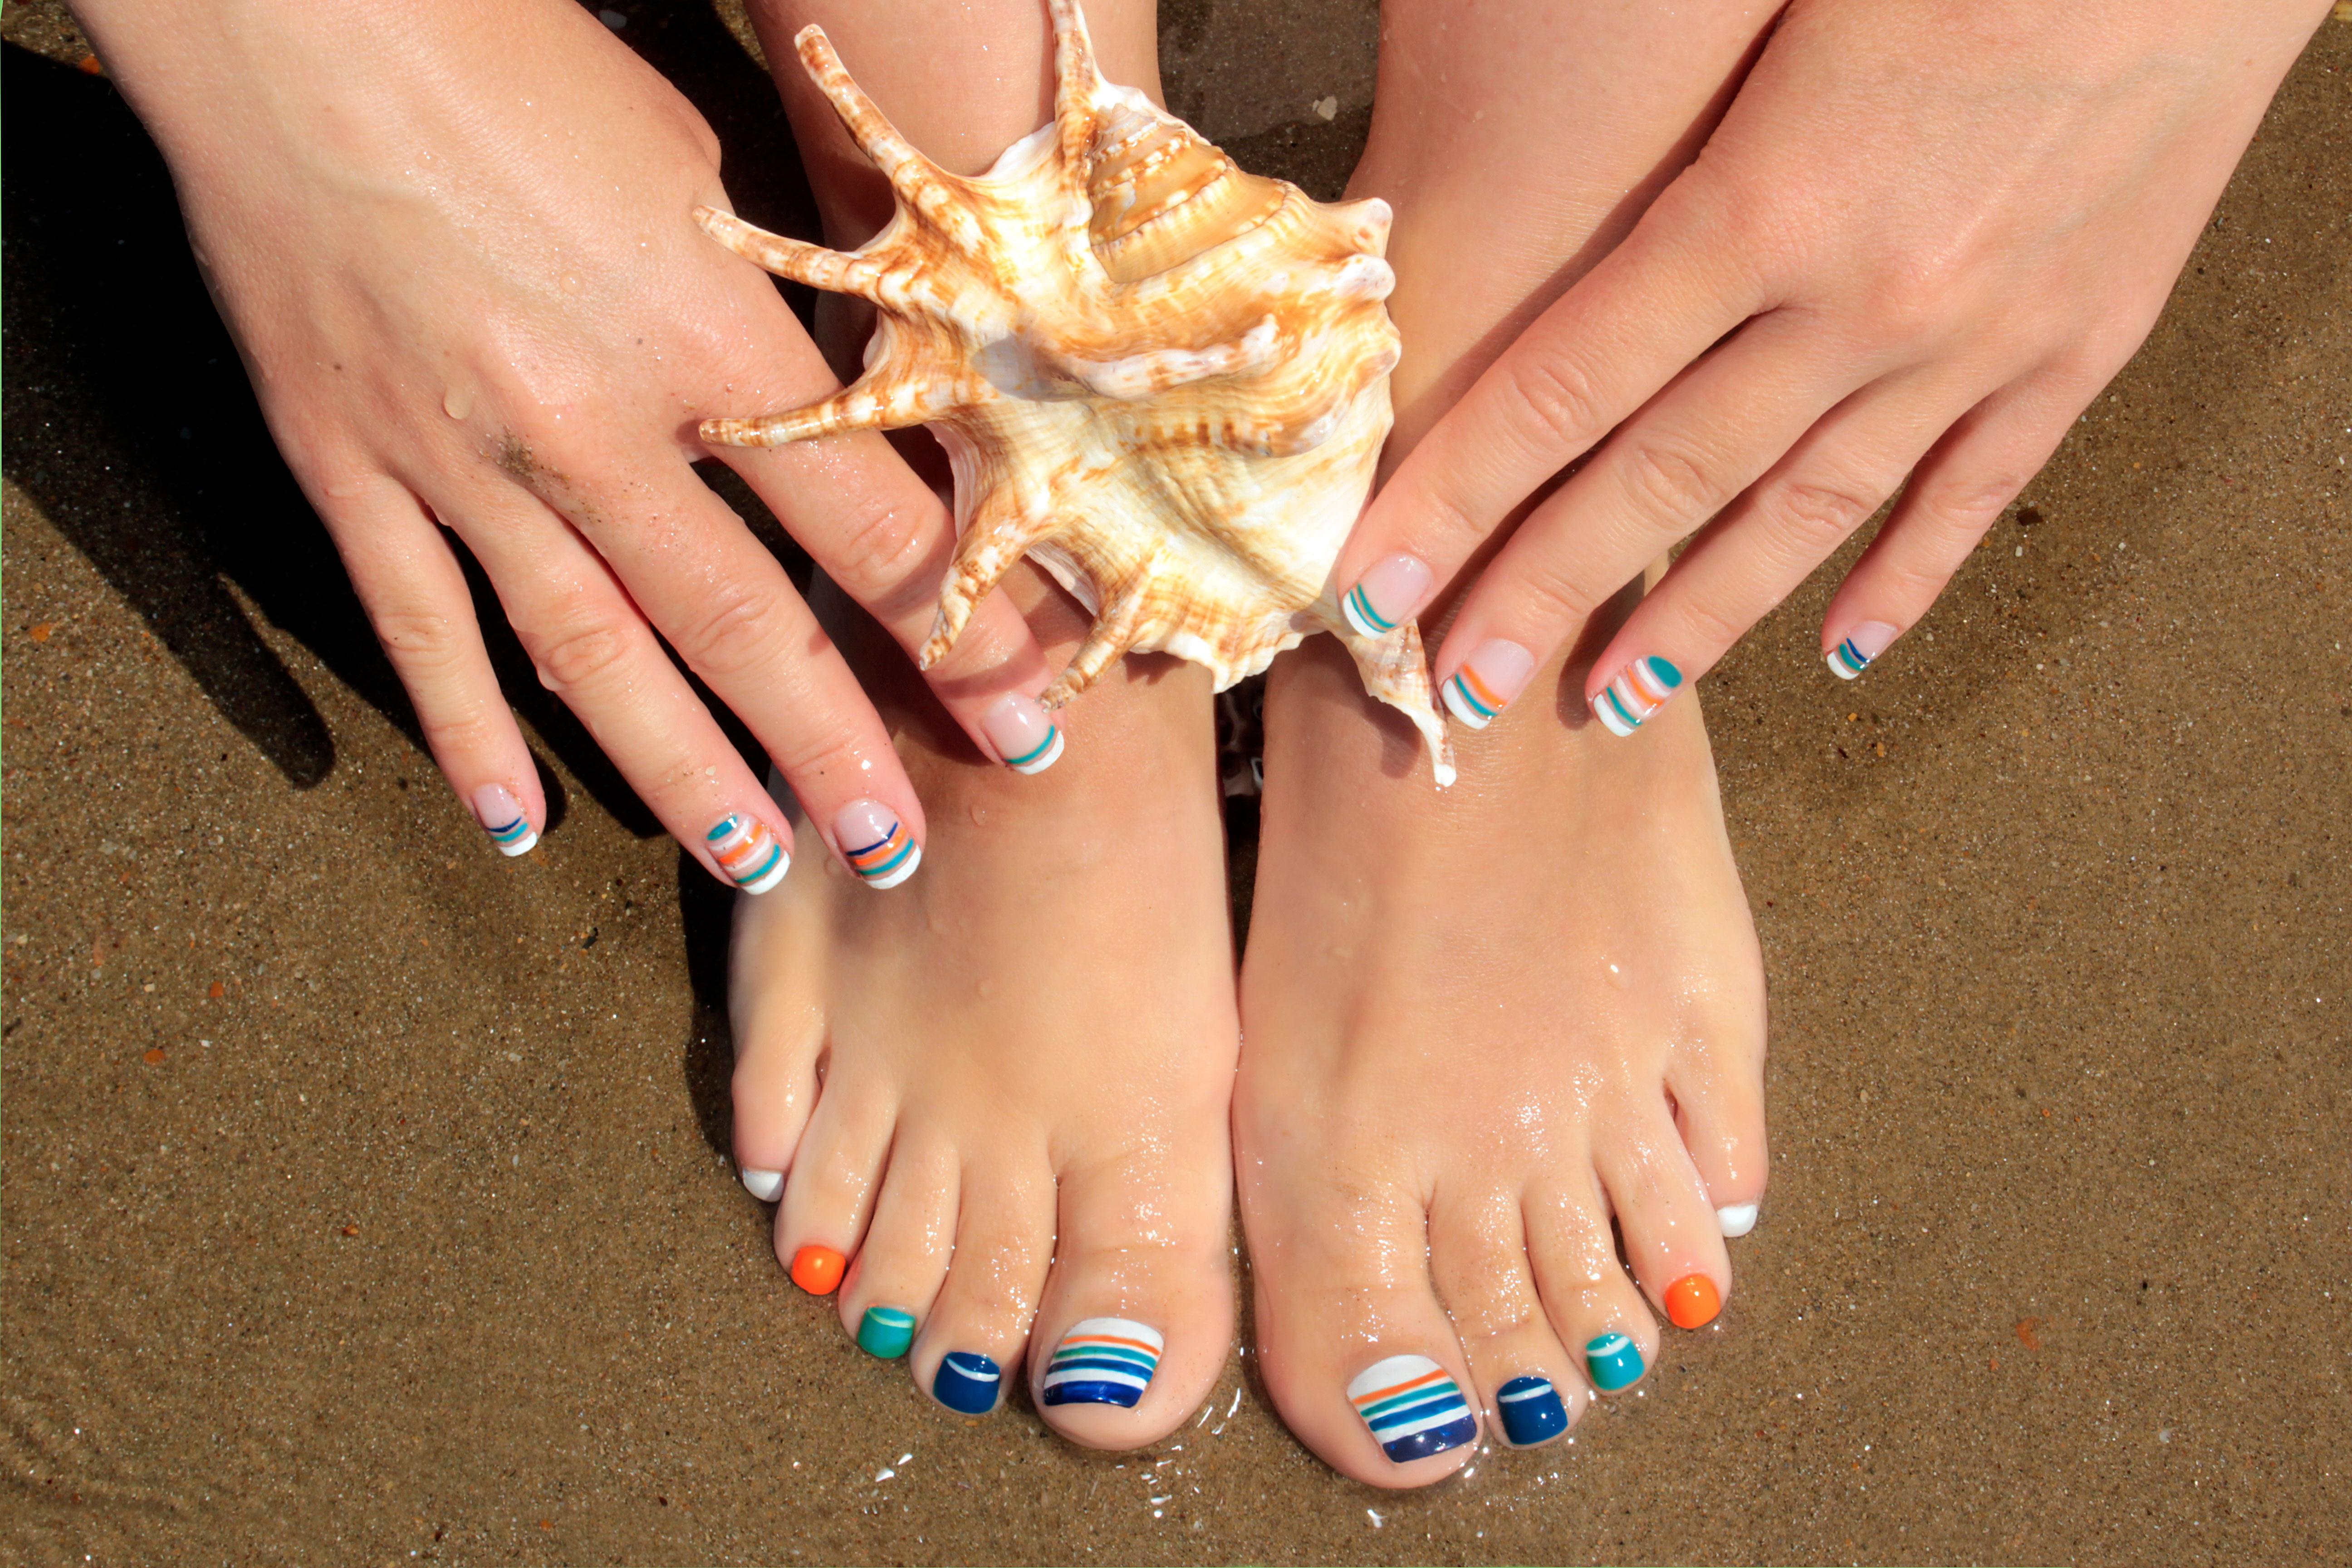 Im Sommer darf es auch auf den Fußnägel knallig bunt zugehen. Bunte Nagel-Designs setzen schöne Füße perfekt in Szene - ob in Sandalen oder barfuß am Strand.